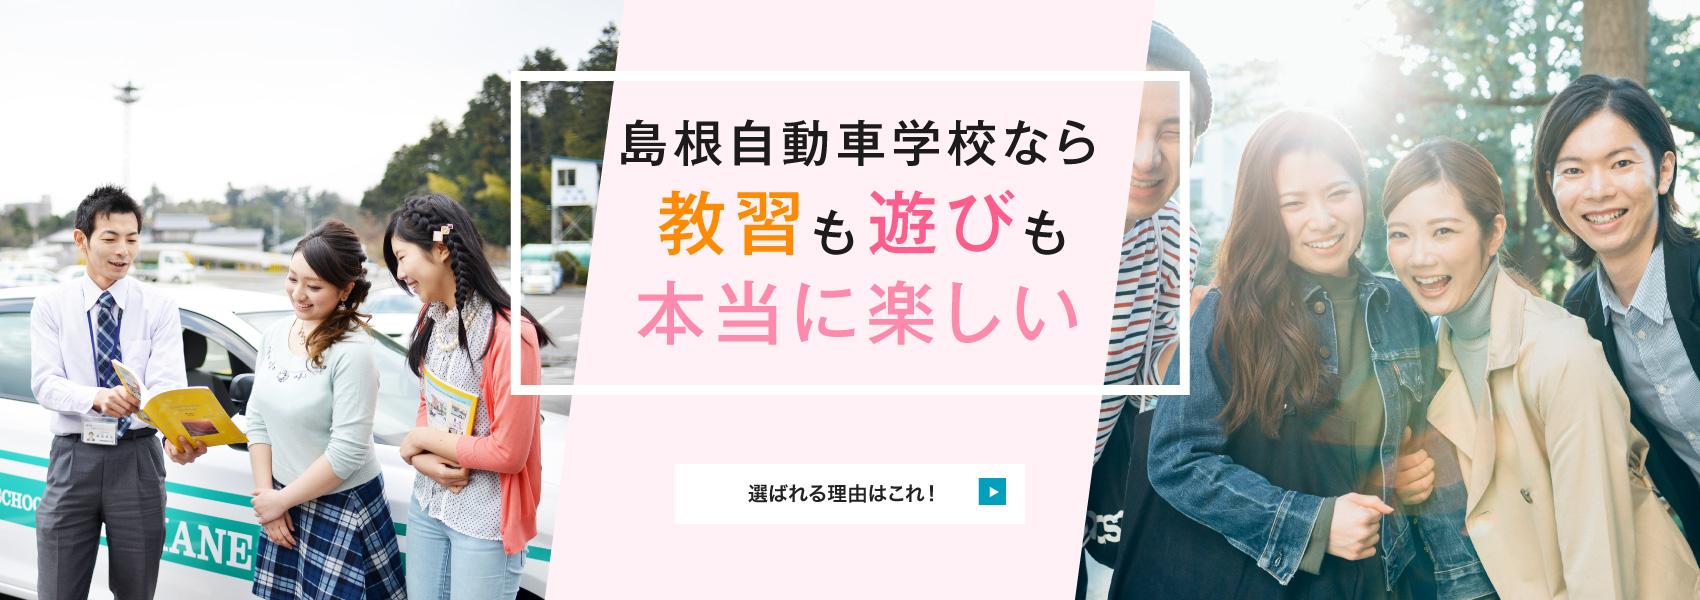 島根自動車学校なら教習も遊びも本当に楽しい